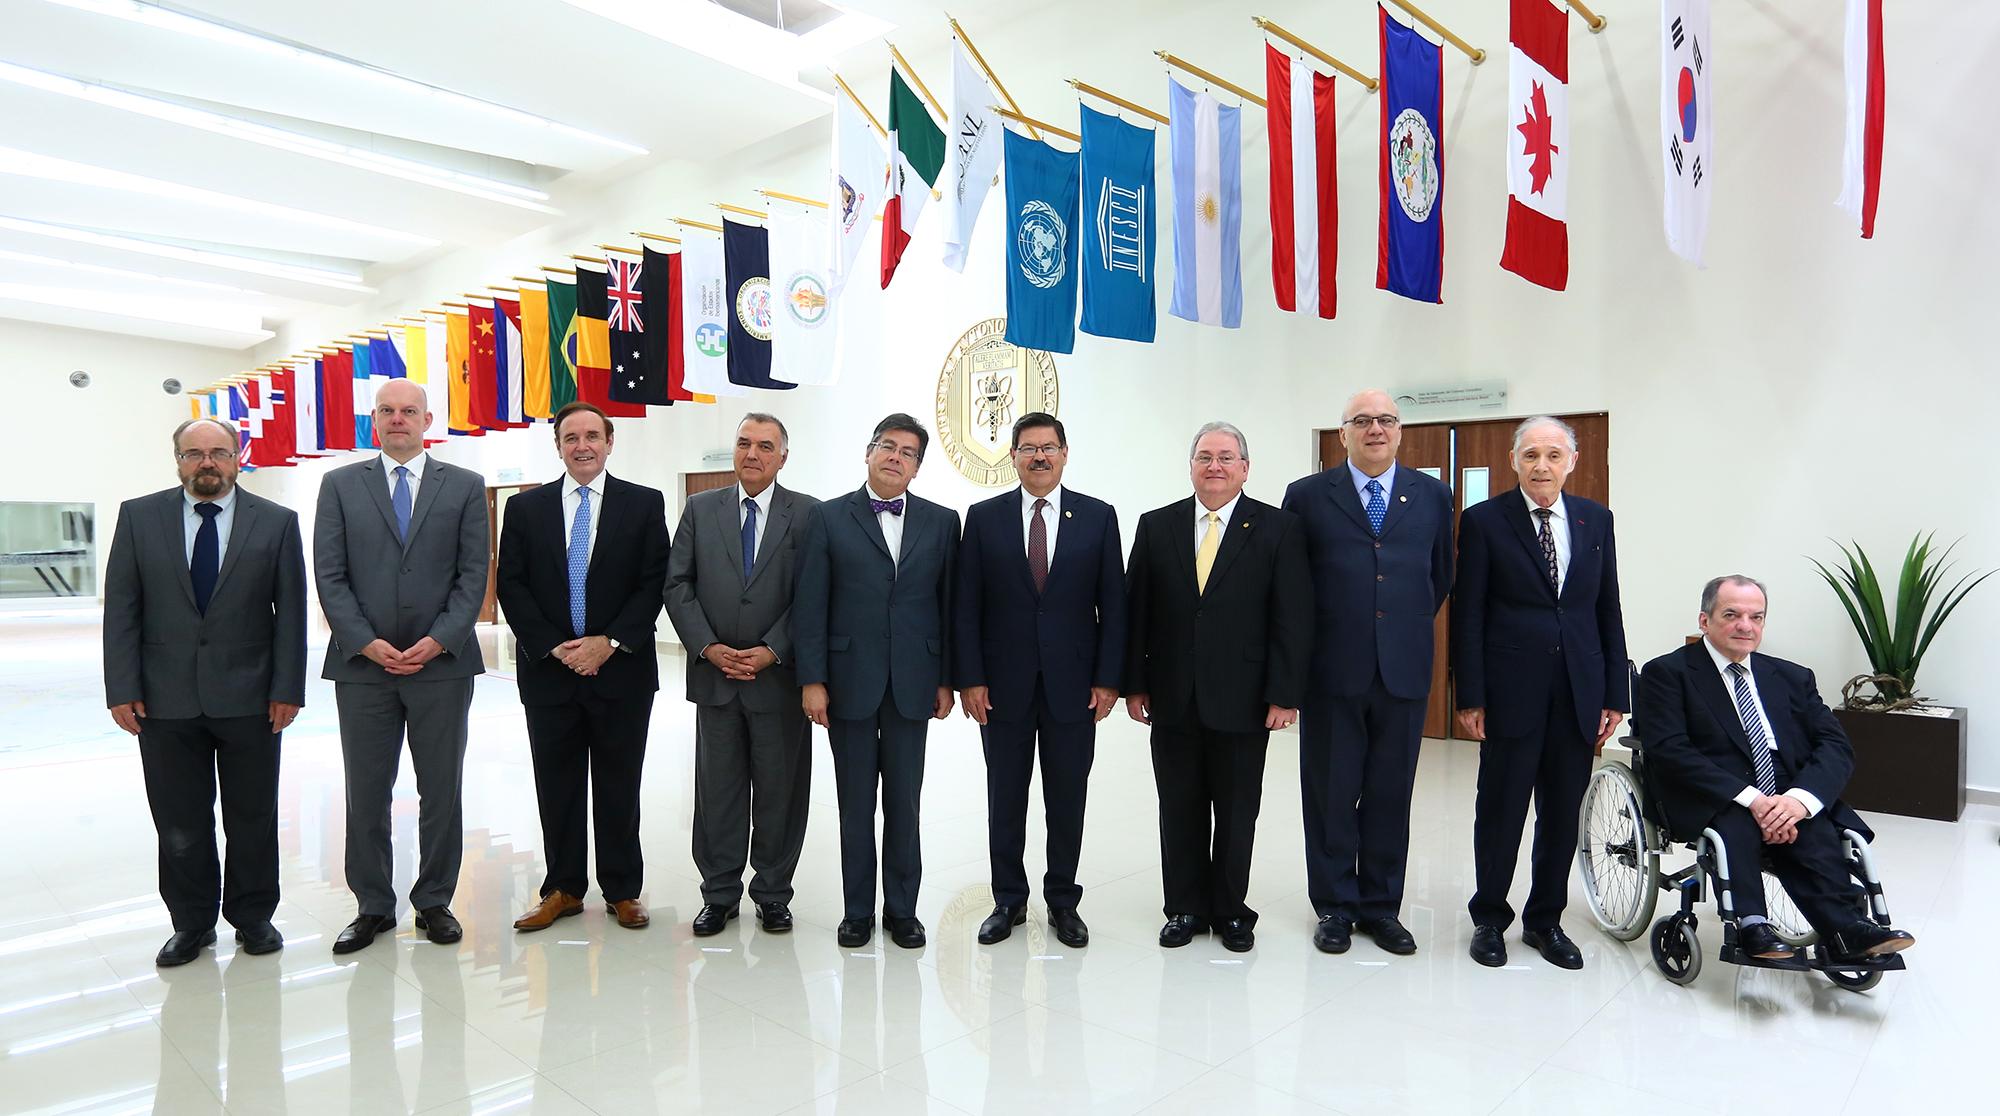 12El Rector con Integrantes del Consejo Consultivo Internacional - copia